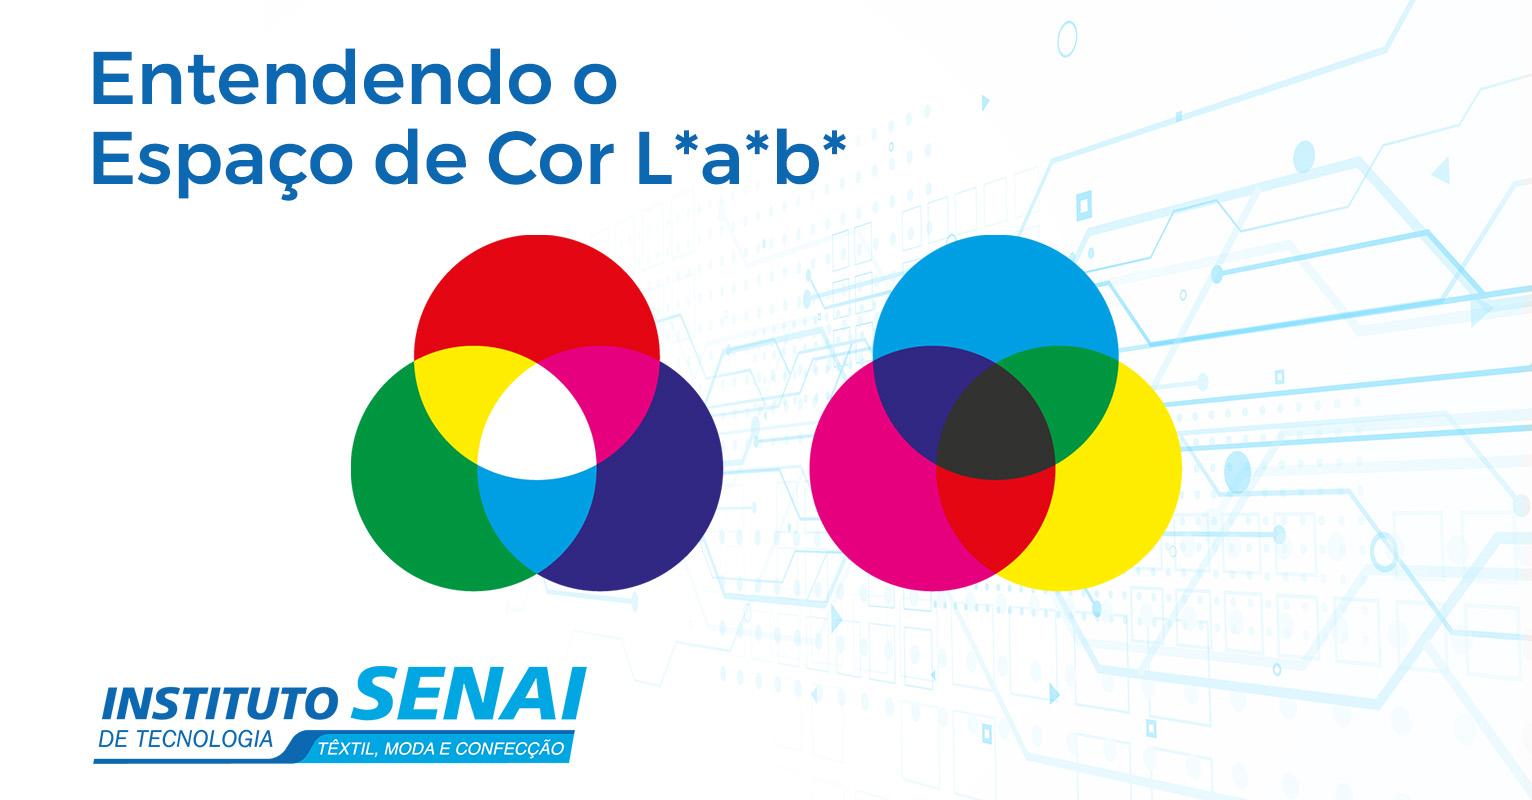 Espaço de cor lab